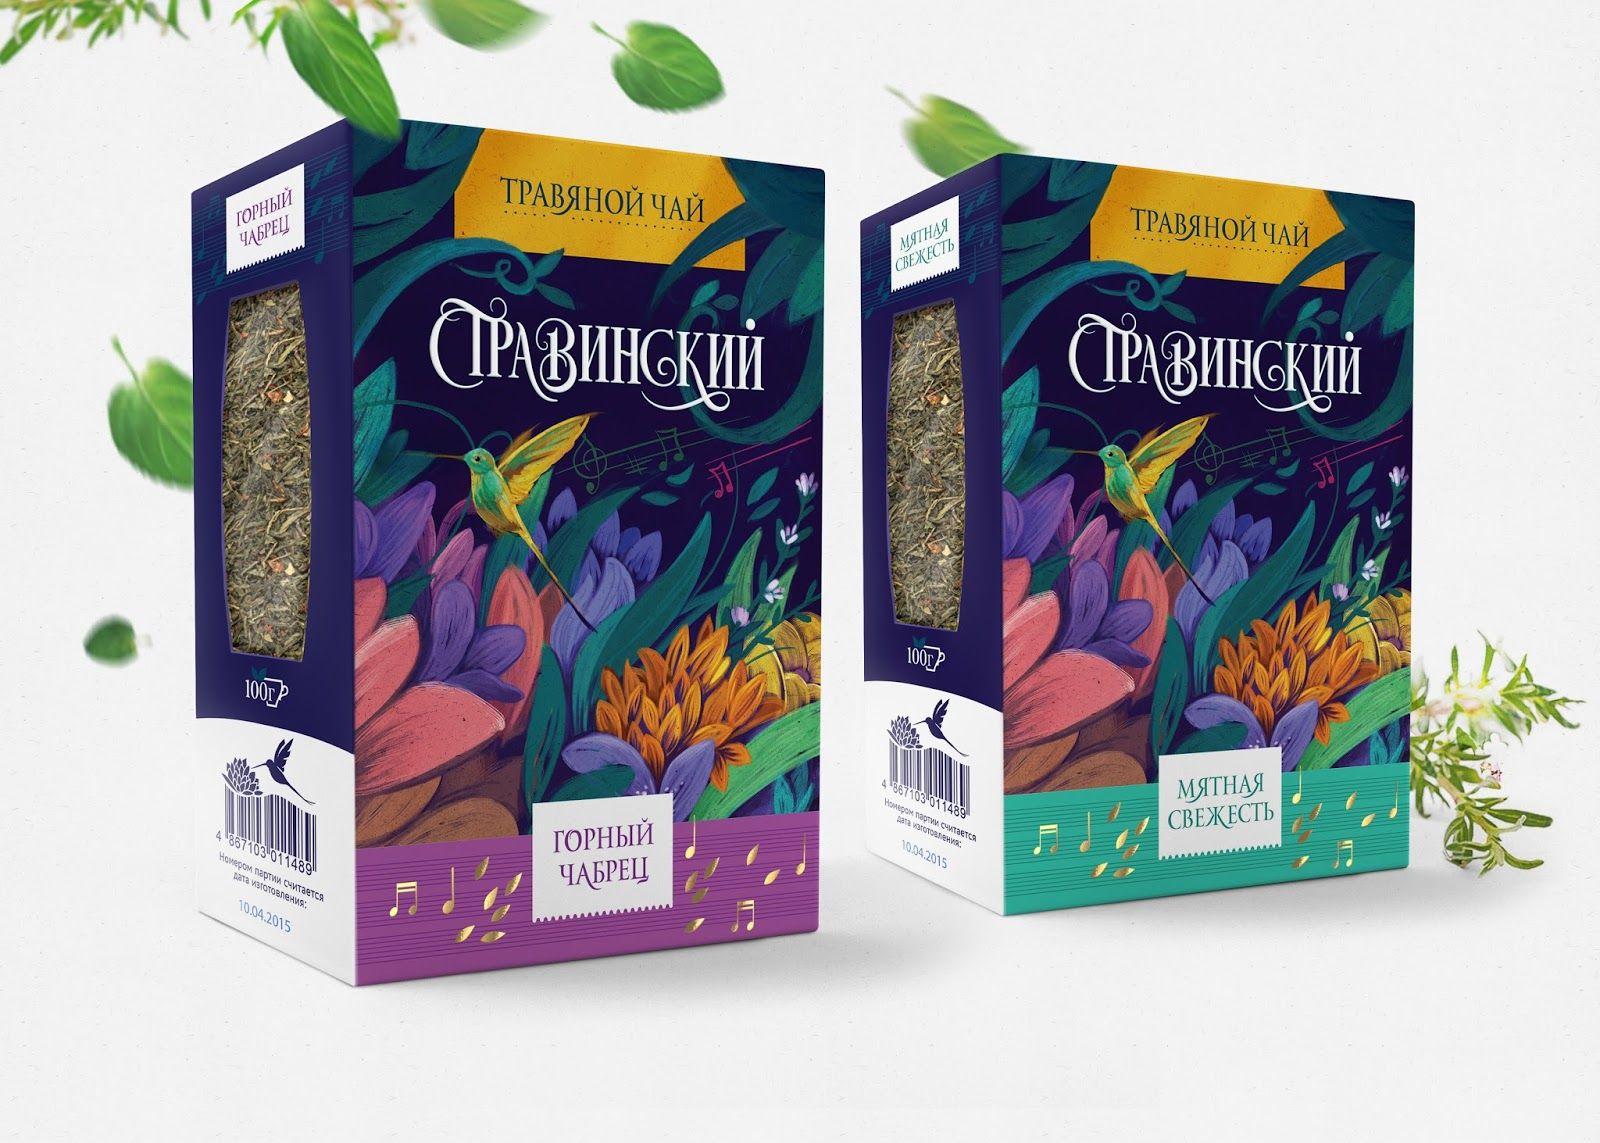 Herbal Tea Stravinsky Creative packaging design